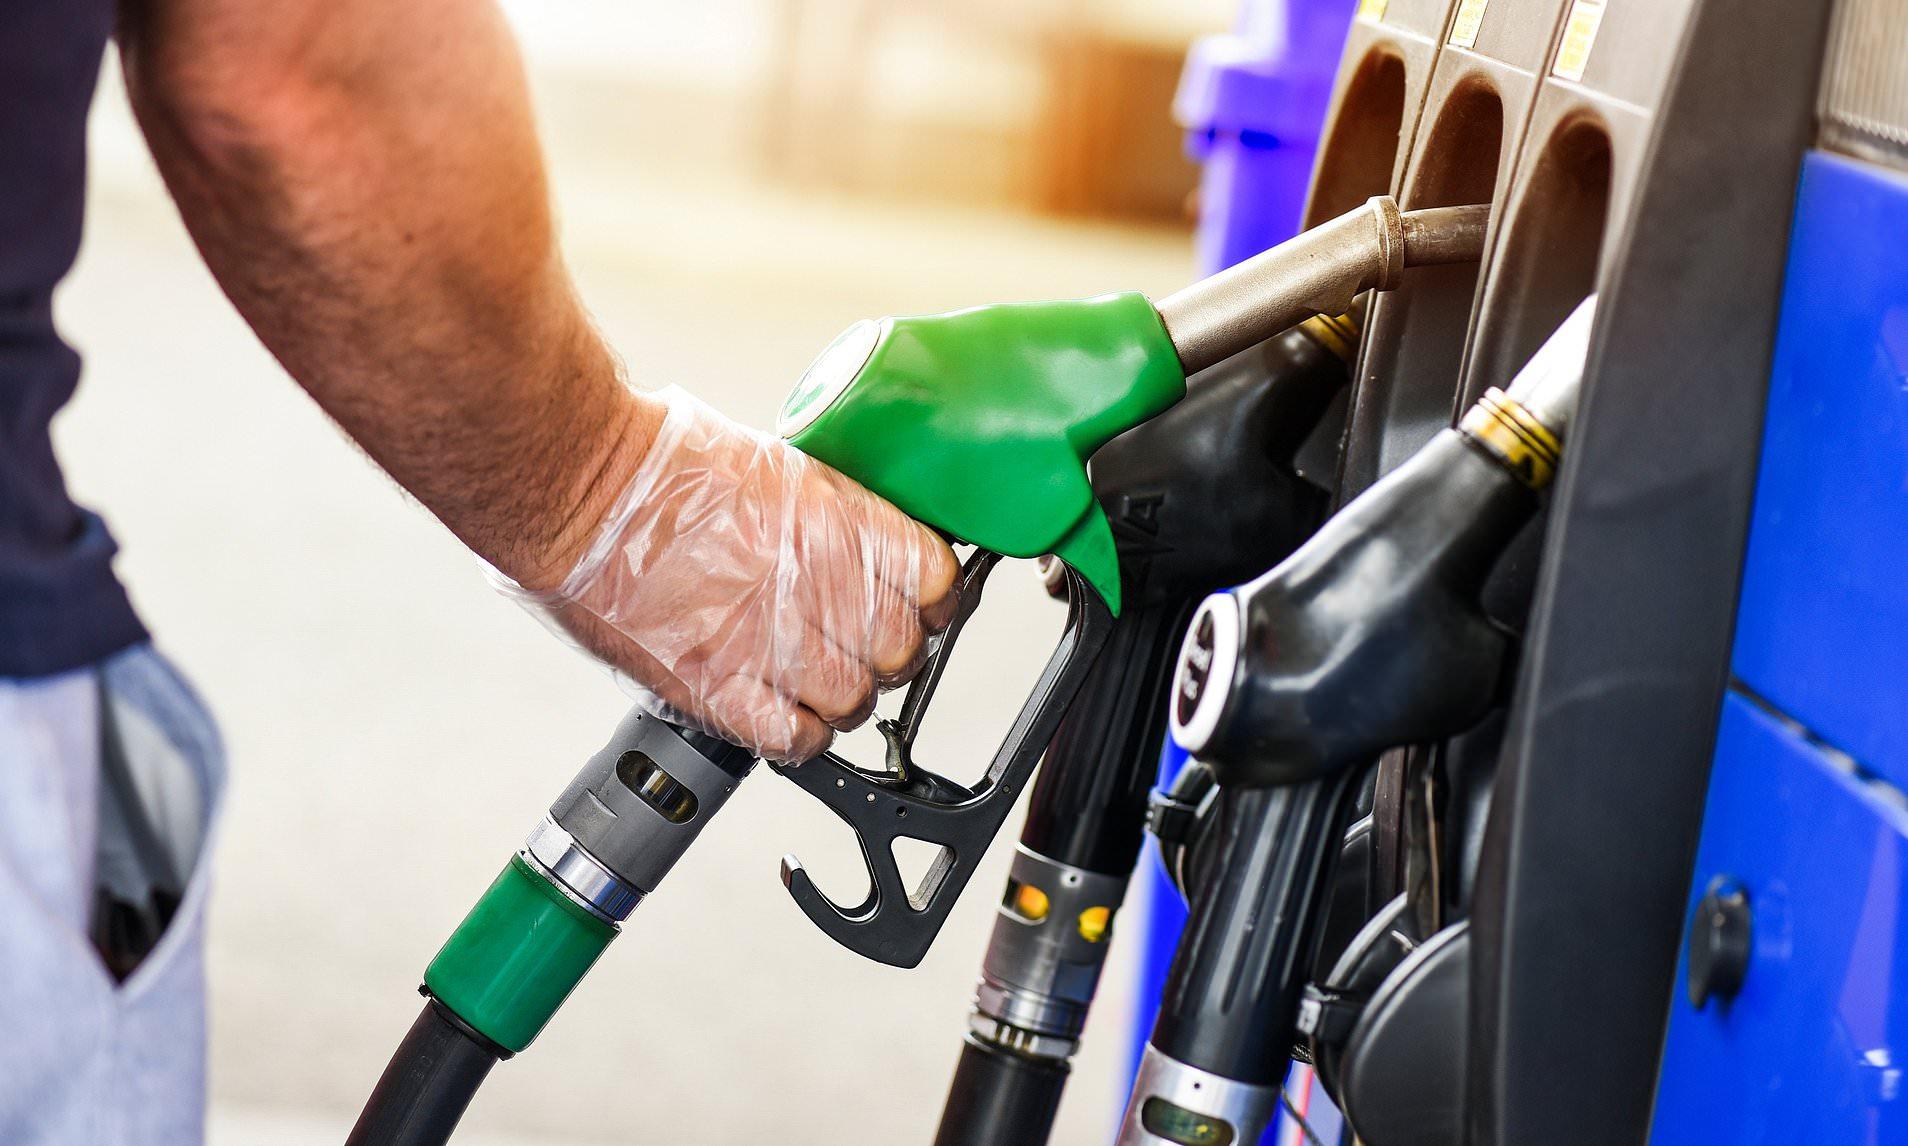 Giá xăng dầu hôm nay 14/7: Giảm nhẹ sau khi tăng gần 2% vào phiên trước vì dự báo nguồn cung thắt chặt